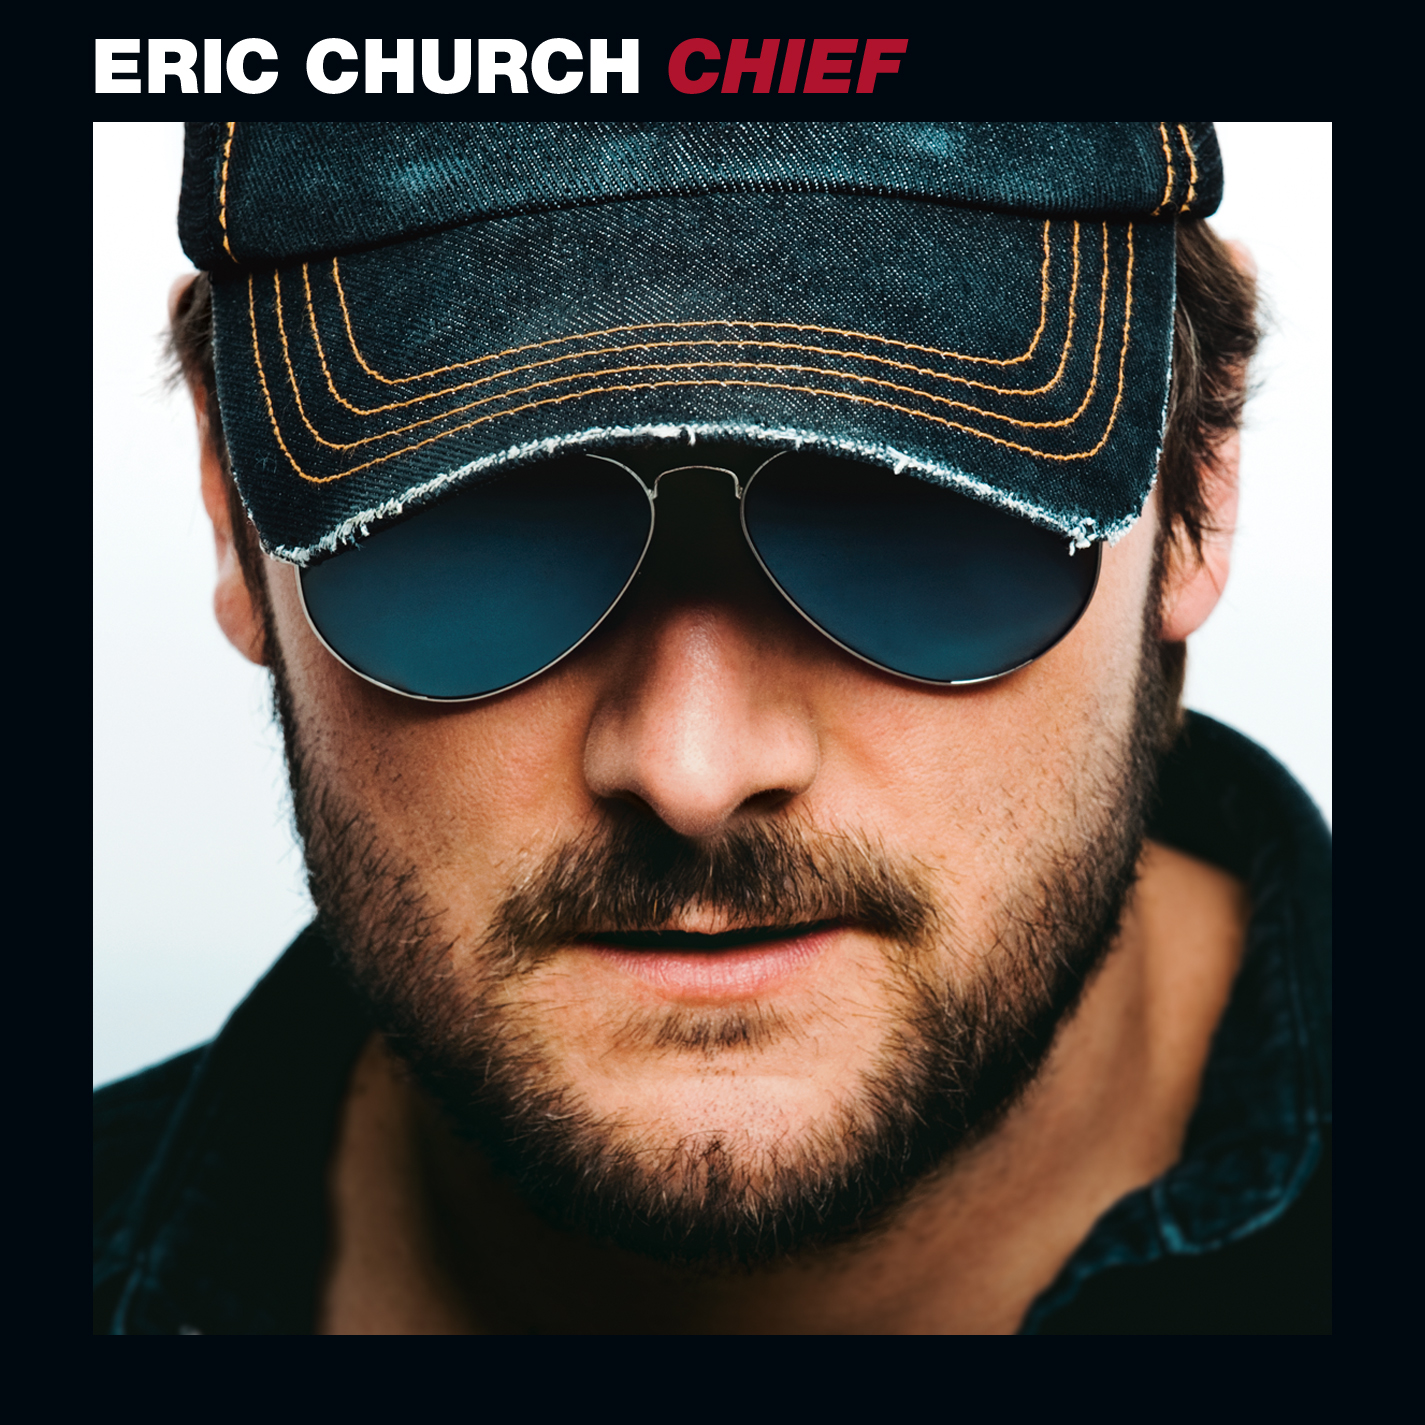 Eric Church, Chief